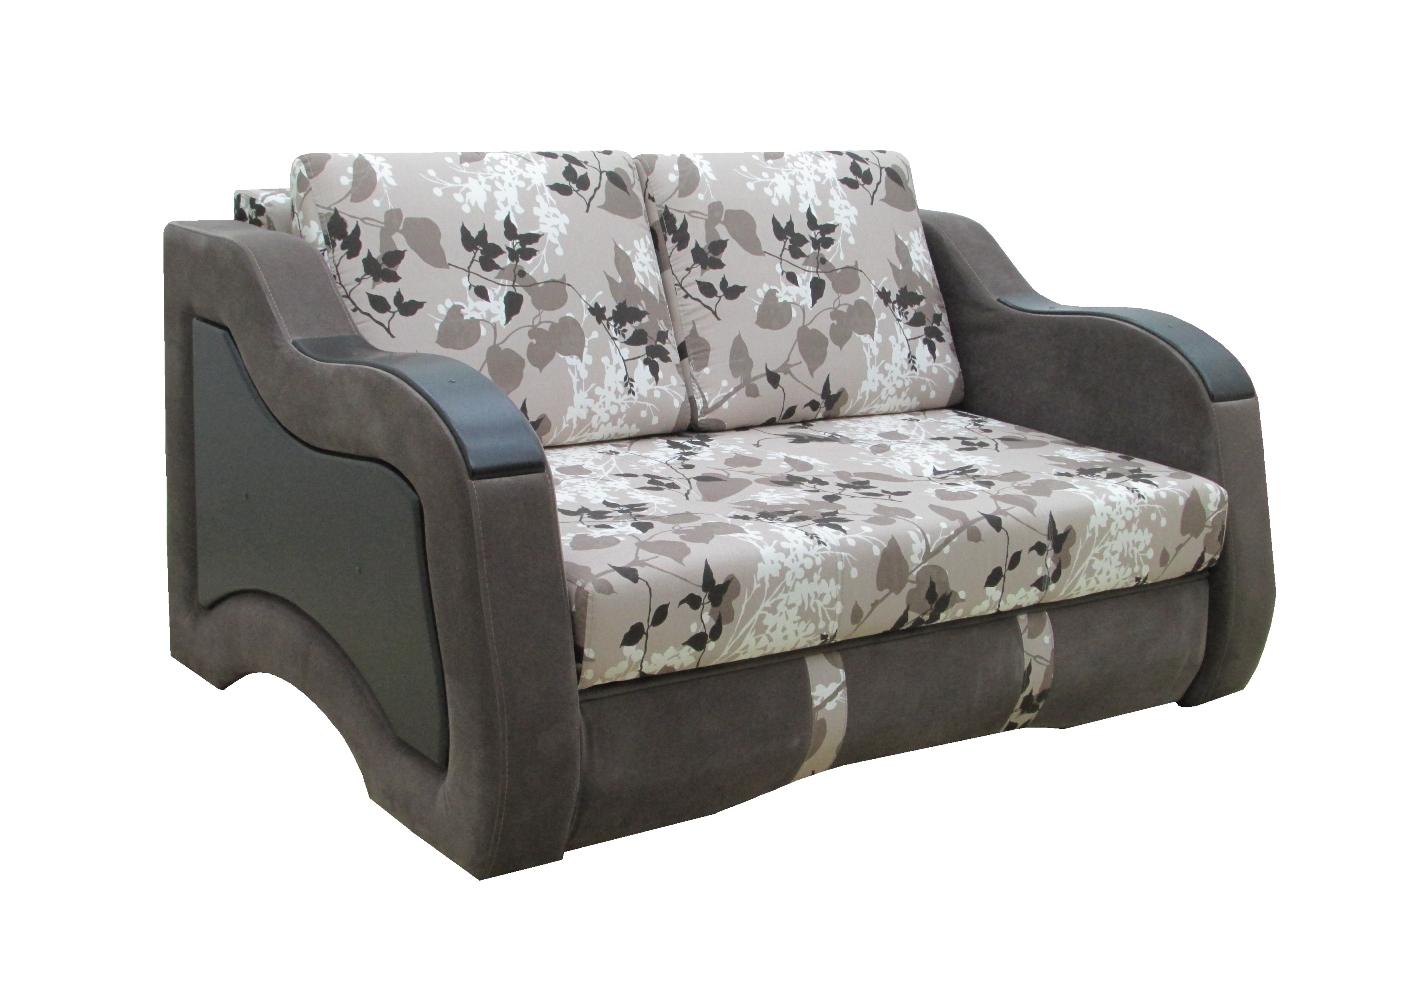 Выкатной диван Вико-2Выкатные диваны<br>Размер:<br><br>Механизм: Дельфин<br>Каркас: Металлический<br>Полный размер: 156х104<br>Спальное место: 122х188<br>Наполнитель: ППУ высокой плотности (Пенополиуретан)<br>Примечание: Стоимость указана по минимальной категории ткани<br>Изготовление и доставка: 8-10 дней<br>Условия доставки: Бесплатная по Москве до подъезда<br>Условие оплаты: Оплата наличными при получении товара<br>Доставка по МО (за пределами МКАД): 30 руб./км<br>Доставка в пределах ТТК: Доставка в центр Москвы осуществляется ночью, с 22.00 до 6.00 утра<br>Подъем на грузовом лифте: 500 руб.<br>Подъем без лифта: 250 руб./этаж включая первый<br>Сборка: 200 руб. в день доставки, заказать сборку Вы можете, если у Вас оформлена услуга подъем/занос изделия в помещение<br>Гарантия: 12 месяцев<br>Производство: Россия<br>Производитель: Утин